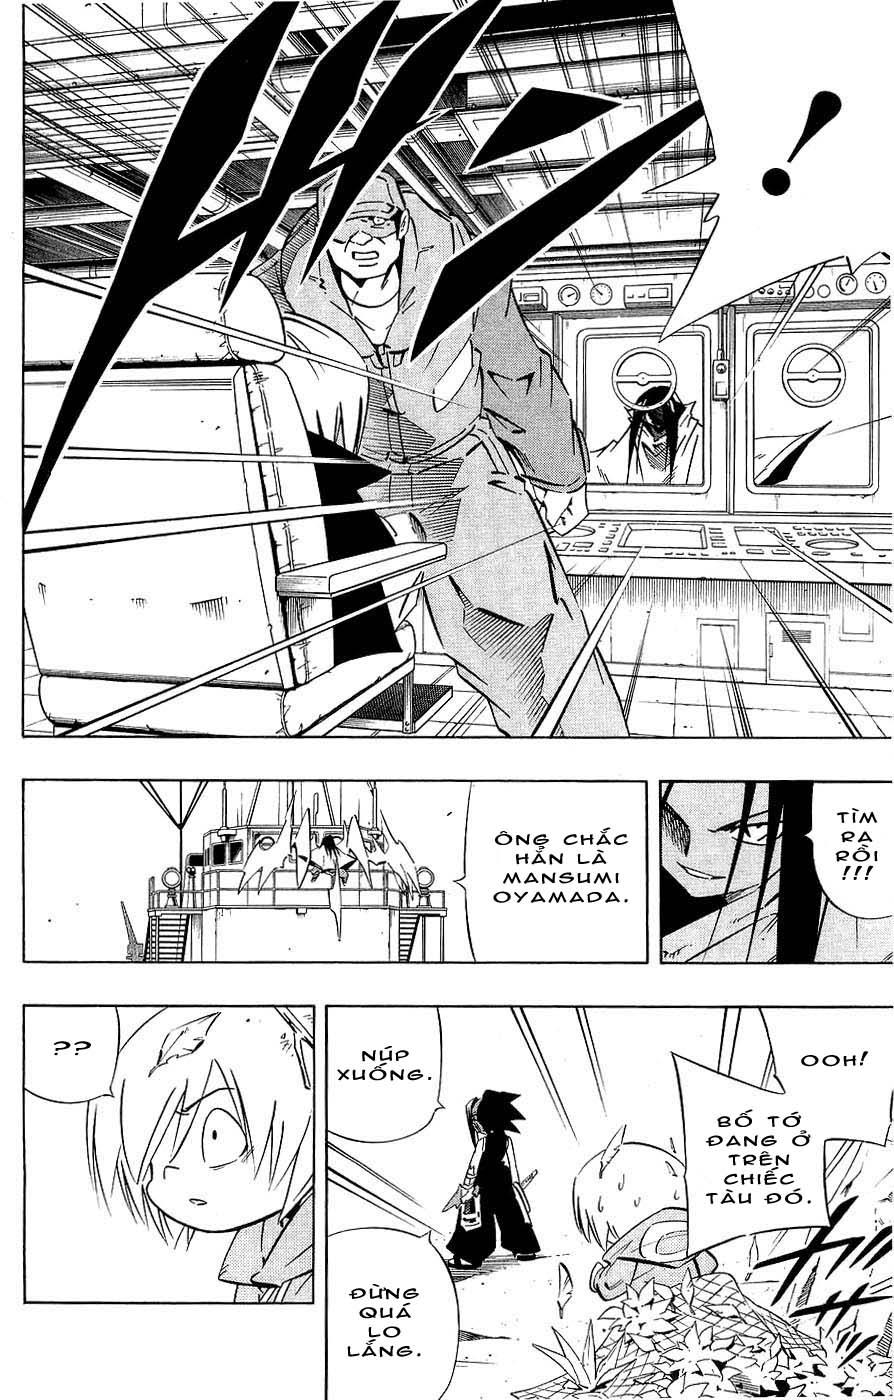 Shaman King [Vua pháp thuật] chap 262 trang 10